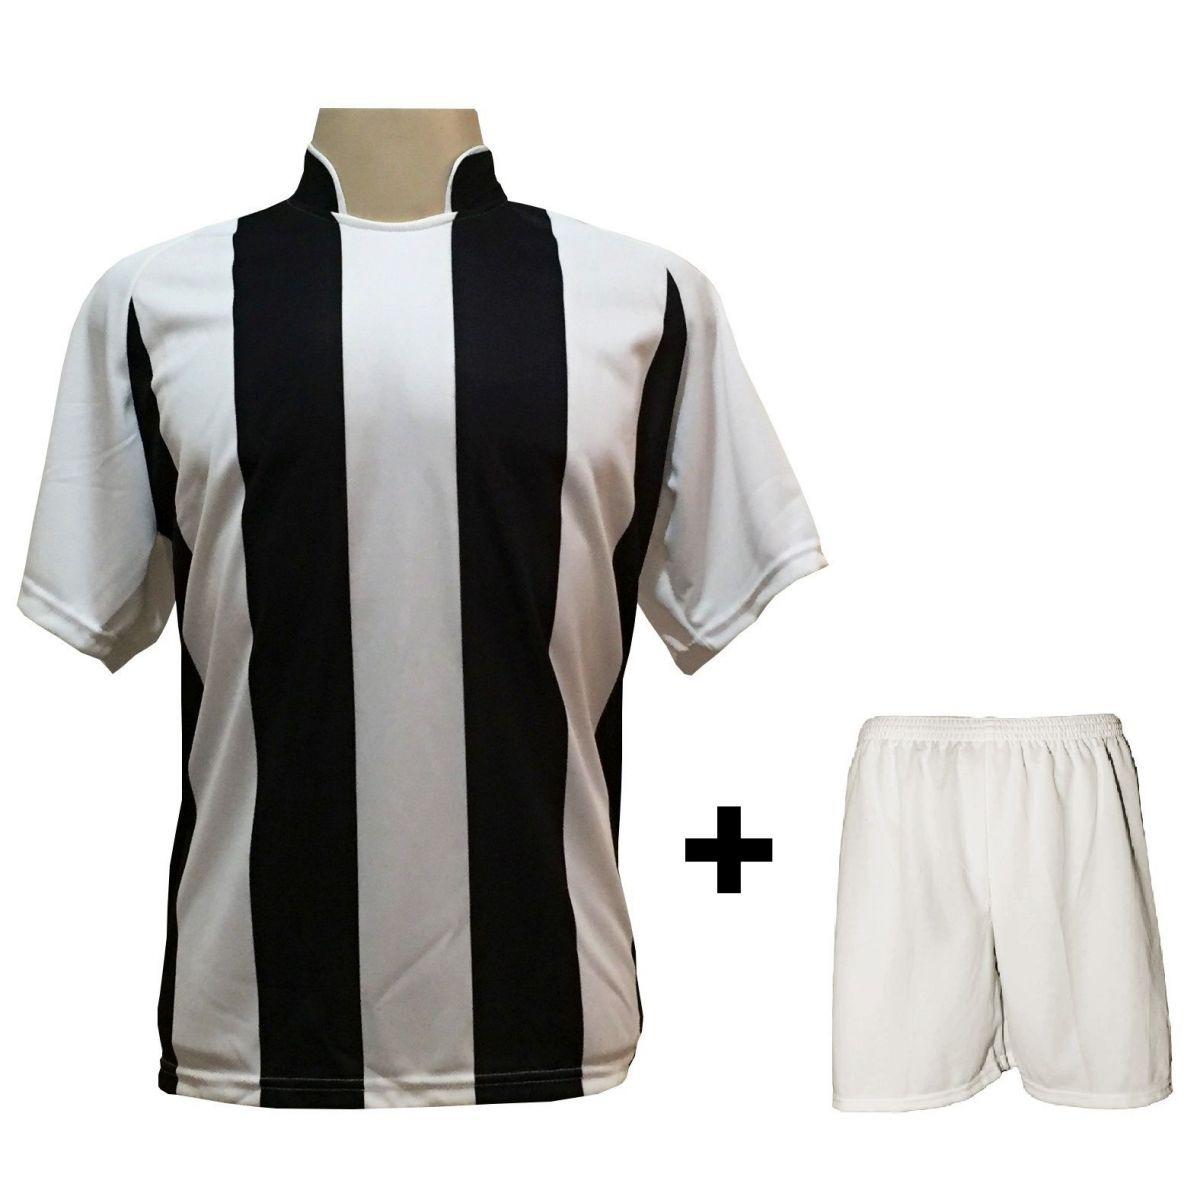 Uniforme Esportivo com 12 Camisas modelo Milan Branco/Preto + 12 Calções modelo Madrid Branco  - ESTAÇÃO DO ESPORTE